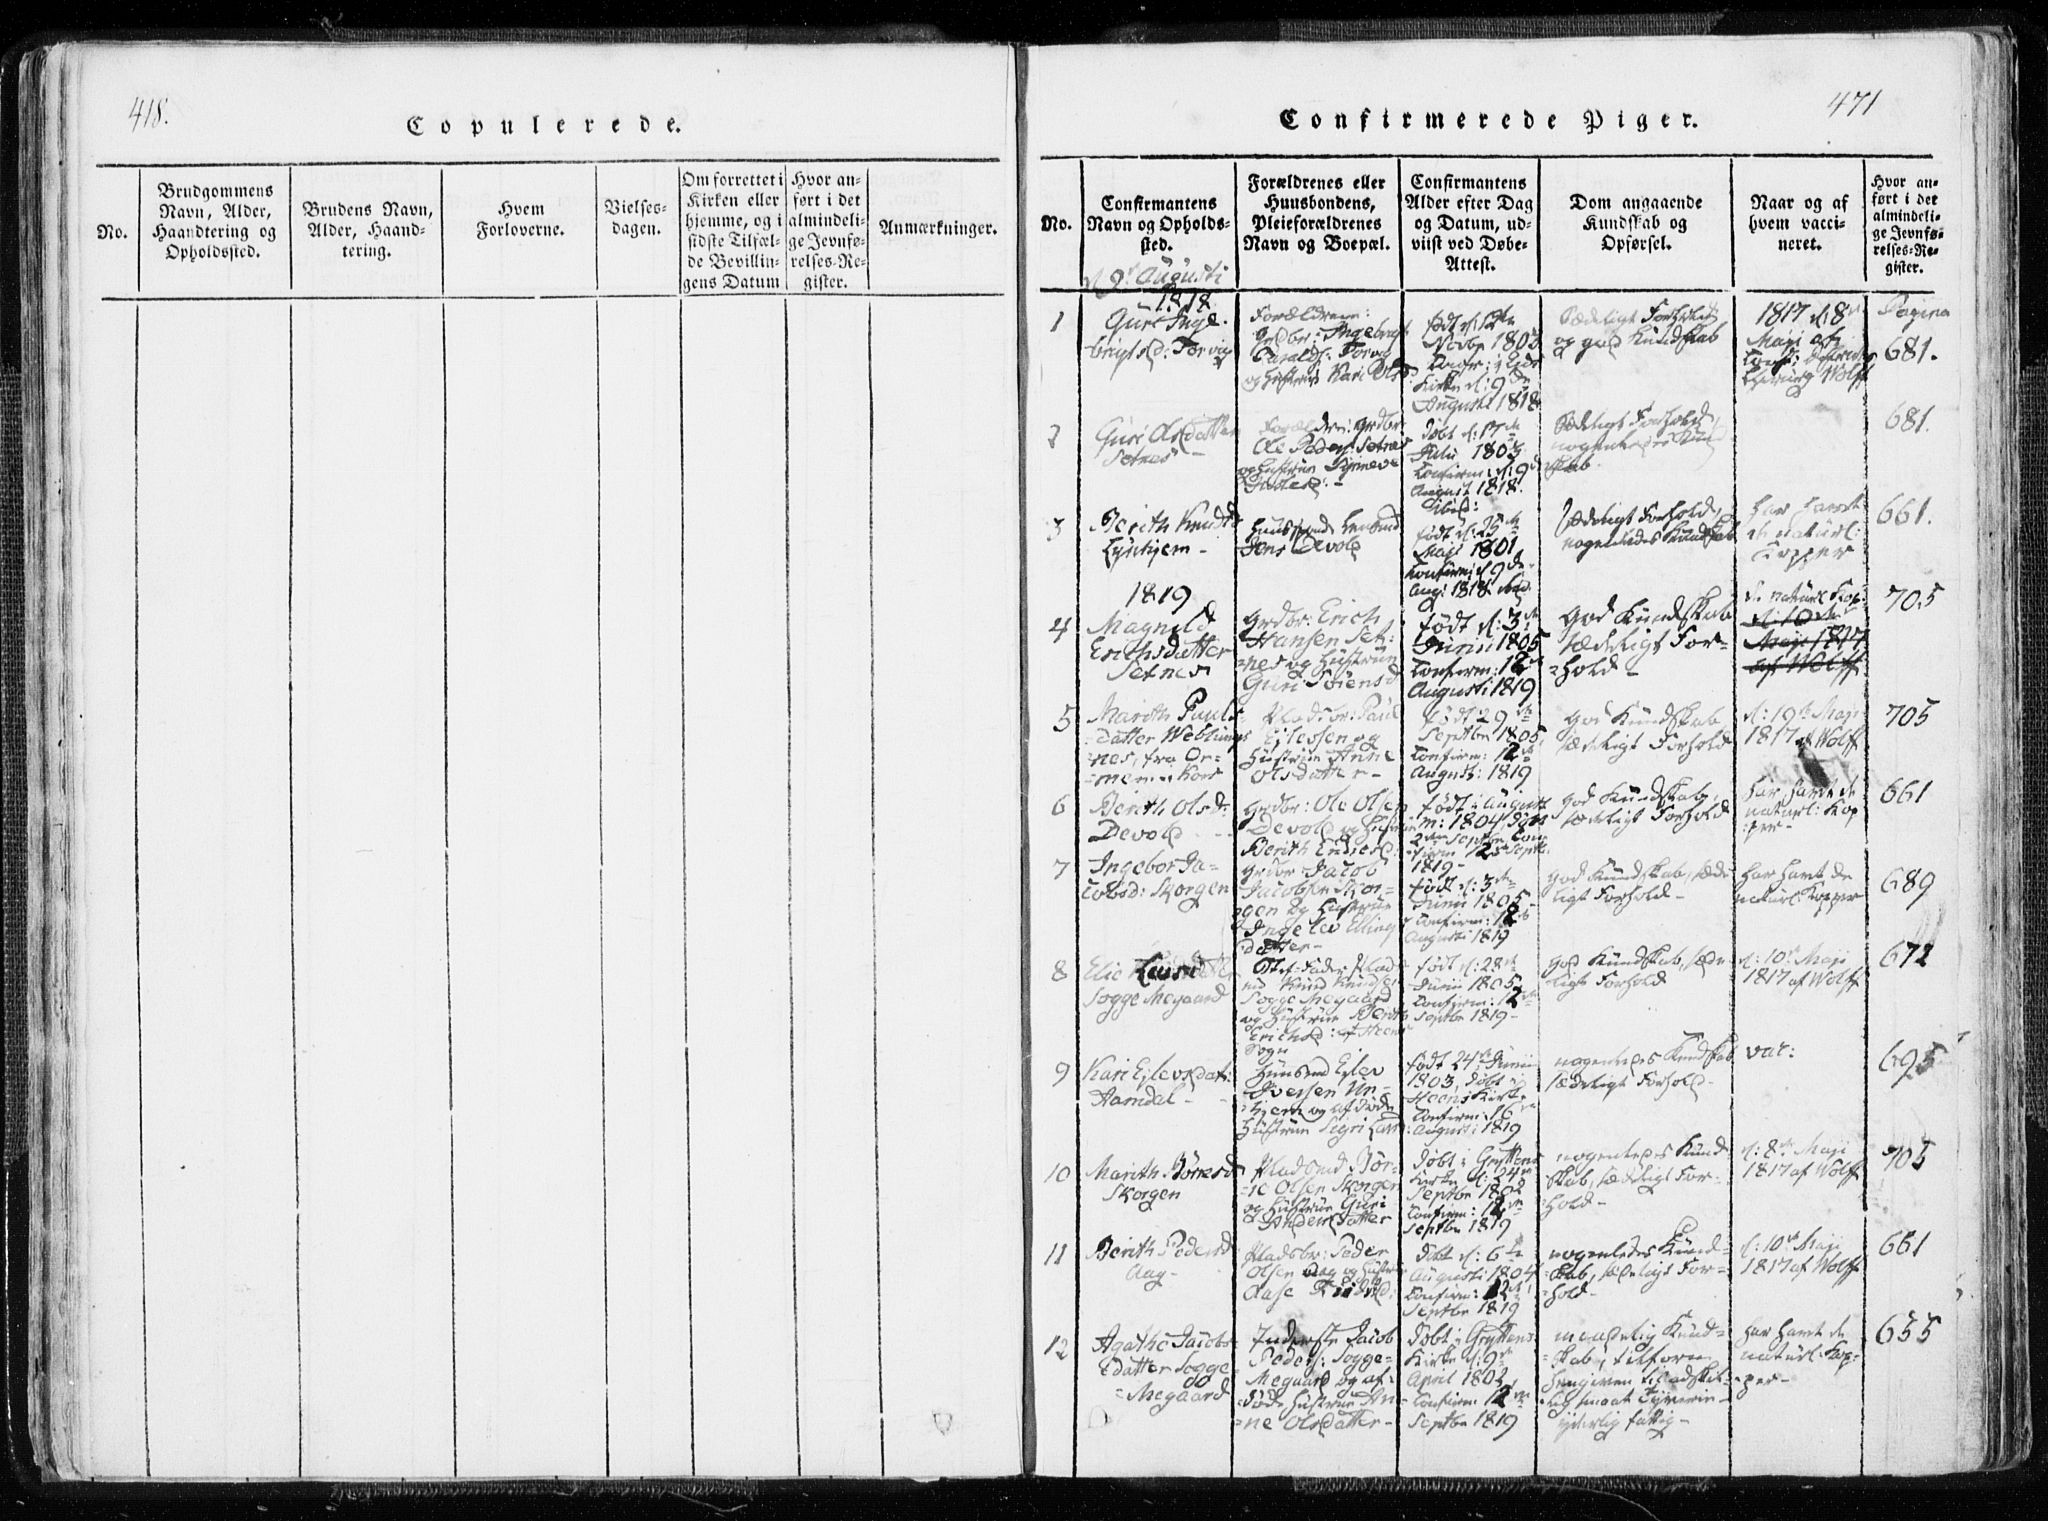 SAT, Ministerialprotokoller, klokkerbøker og fødselsregistre - Møre og Romsdal, 544/L0571: Ministerialbok nr. 544A04, 1818-1853, s. 470-471